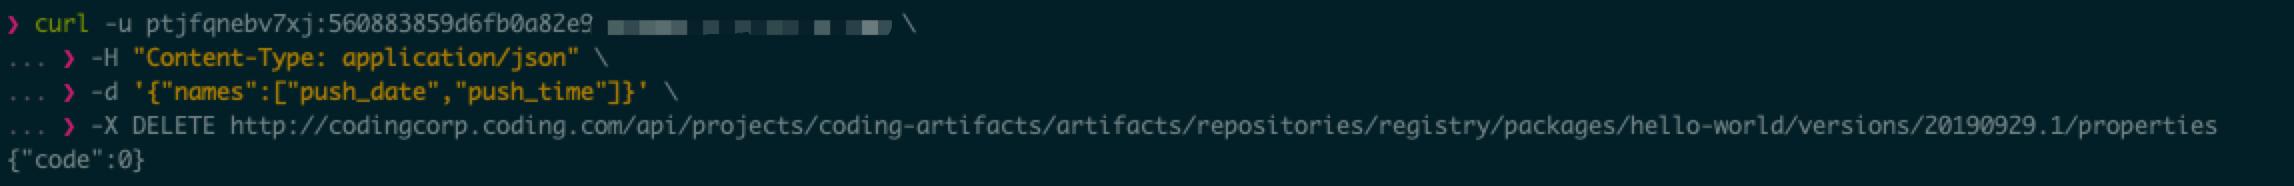 删除制品属性示例